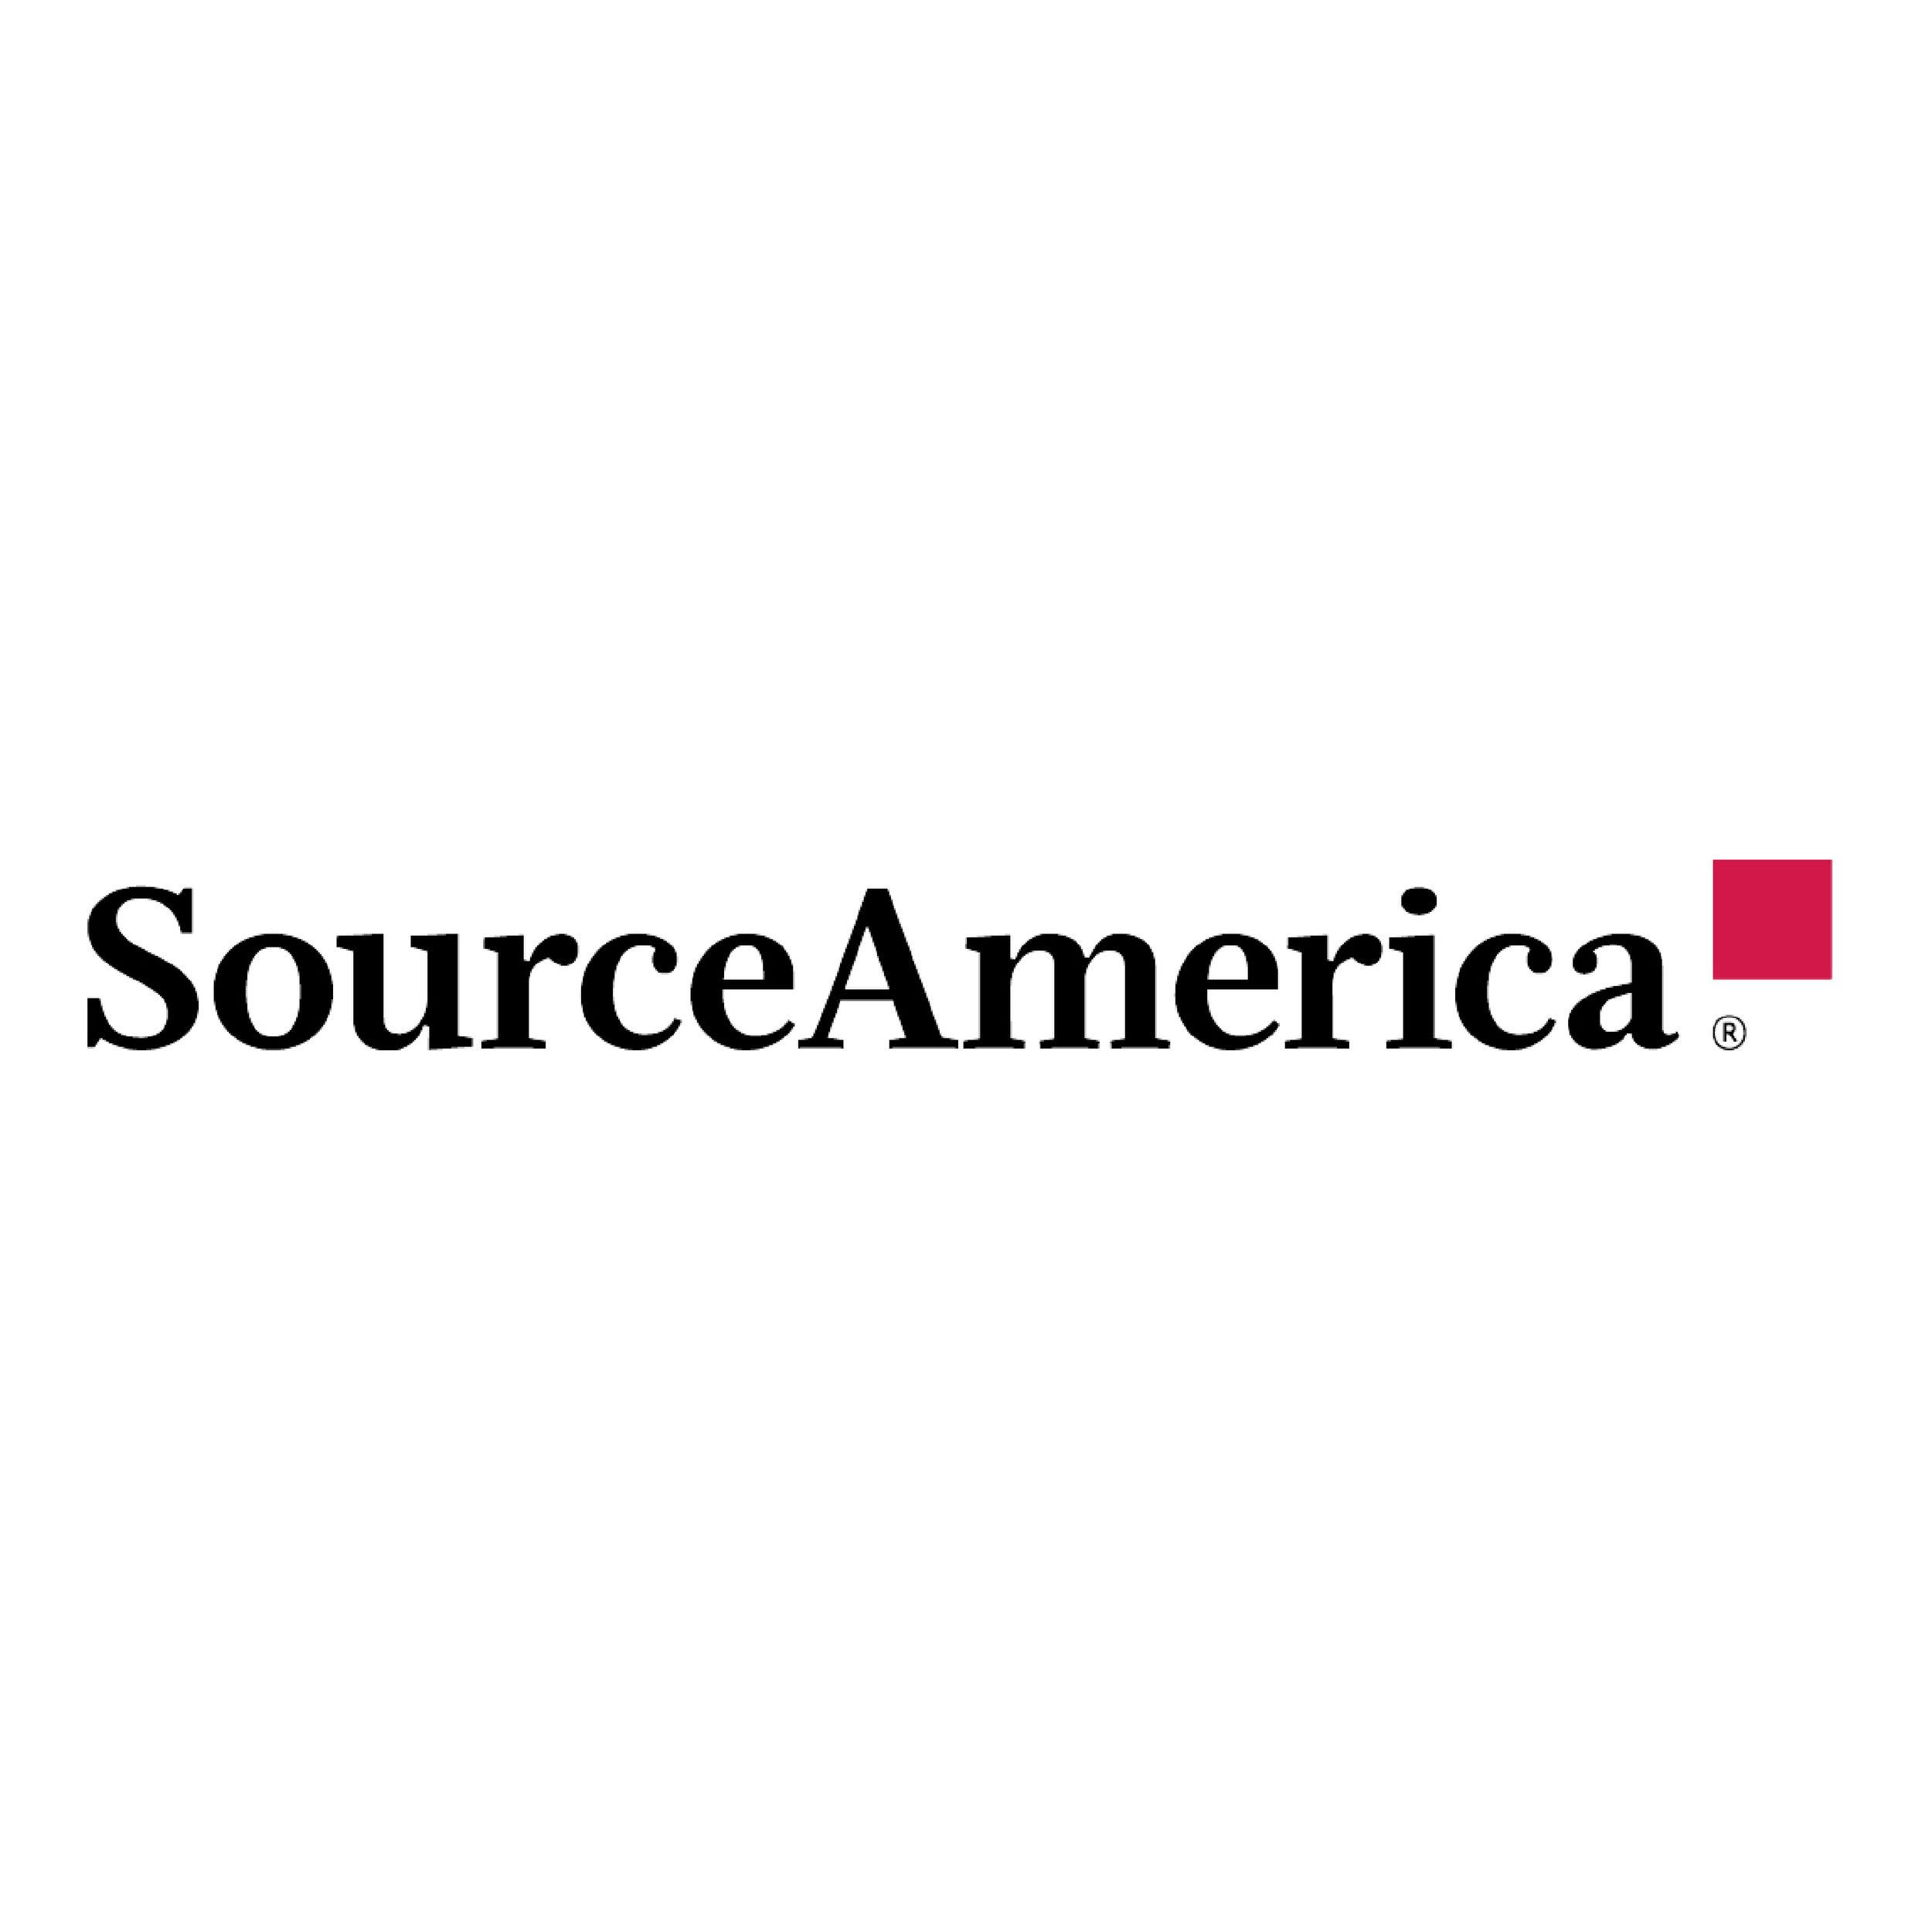 SourceAmerica.jpg